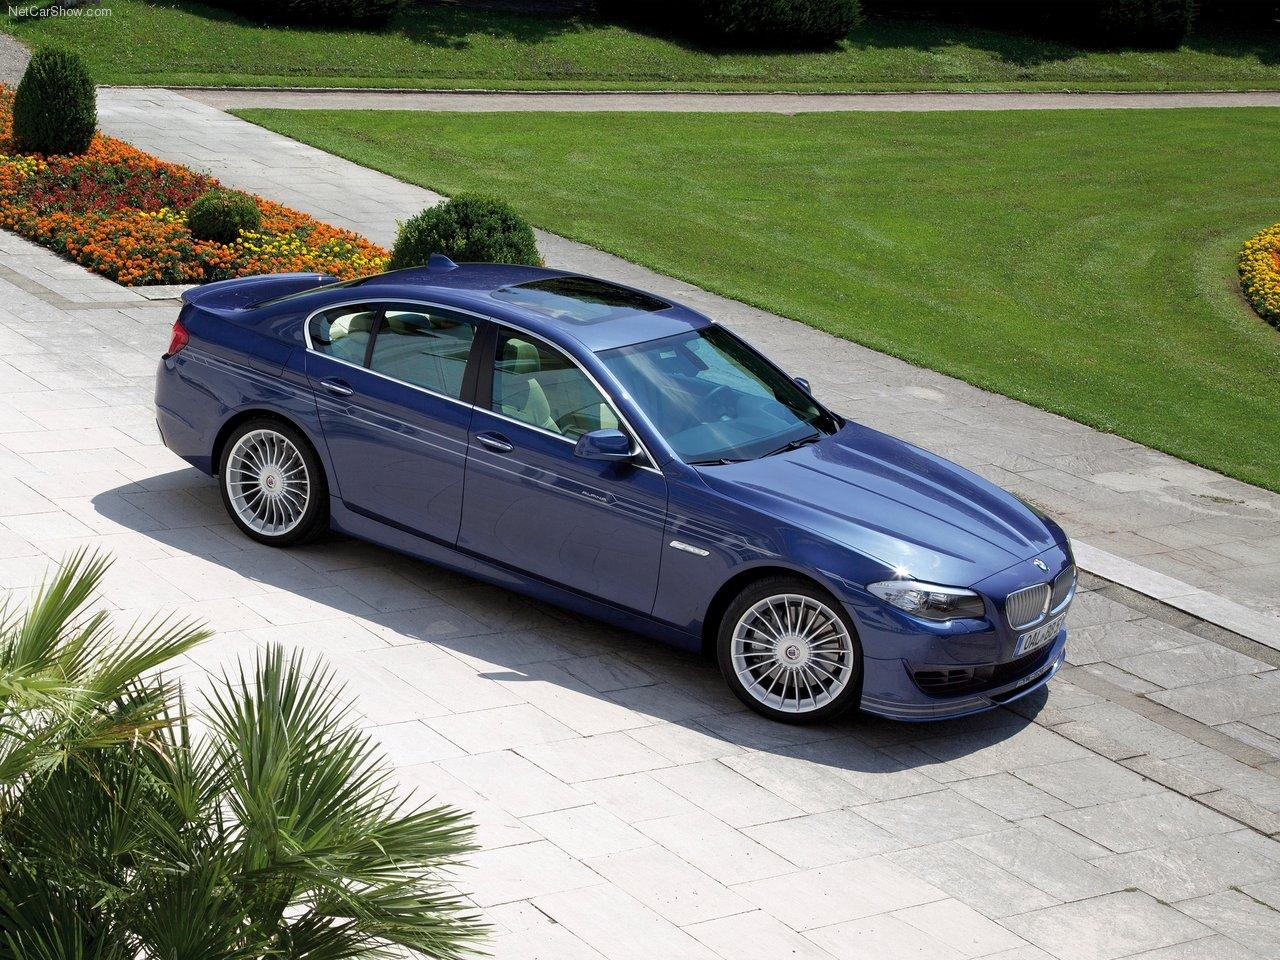 Alpina BMW B5 BiTurbo 2011 &Alpina-BMW_B5_Bi-Turbo-2011-1280-02